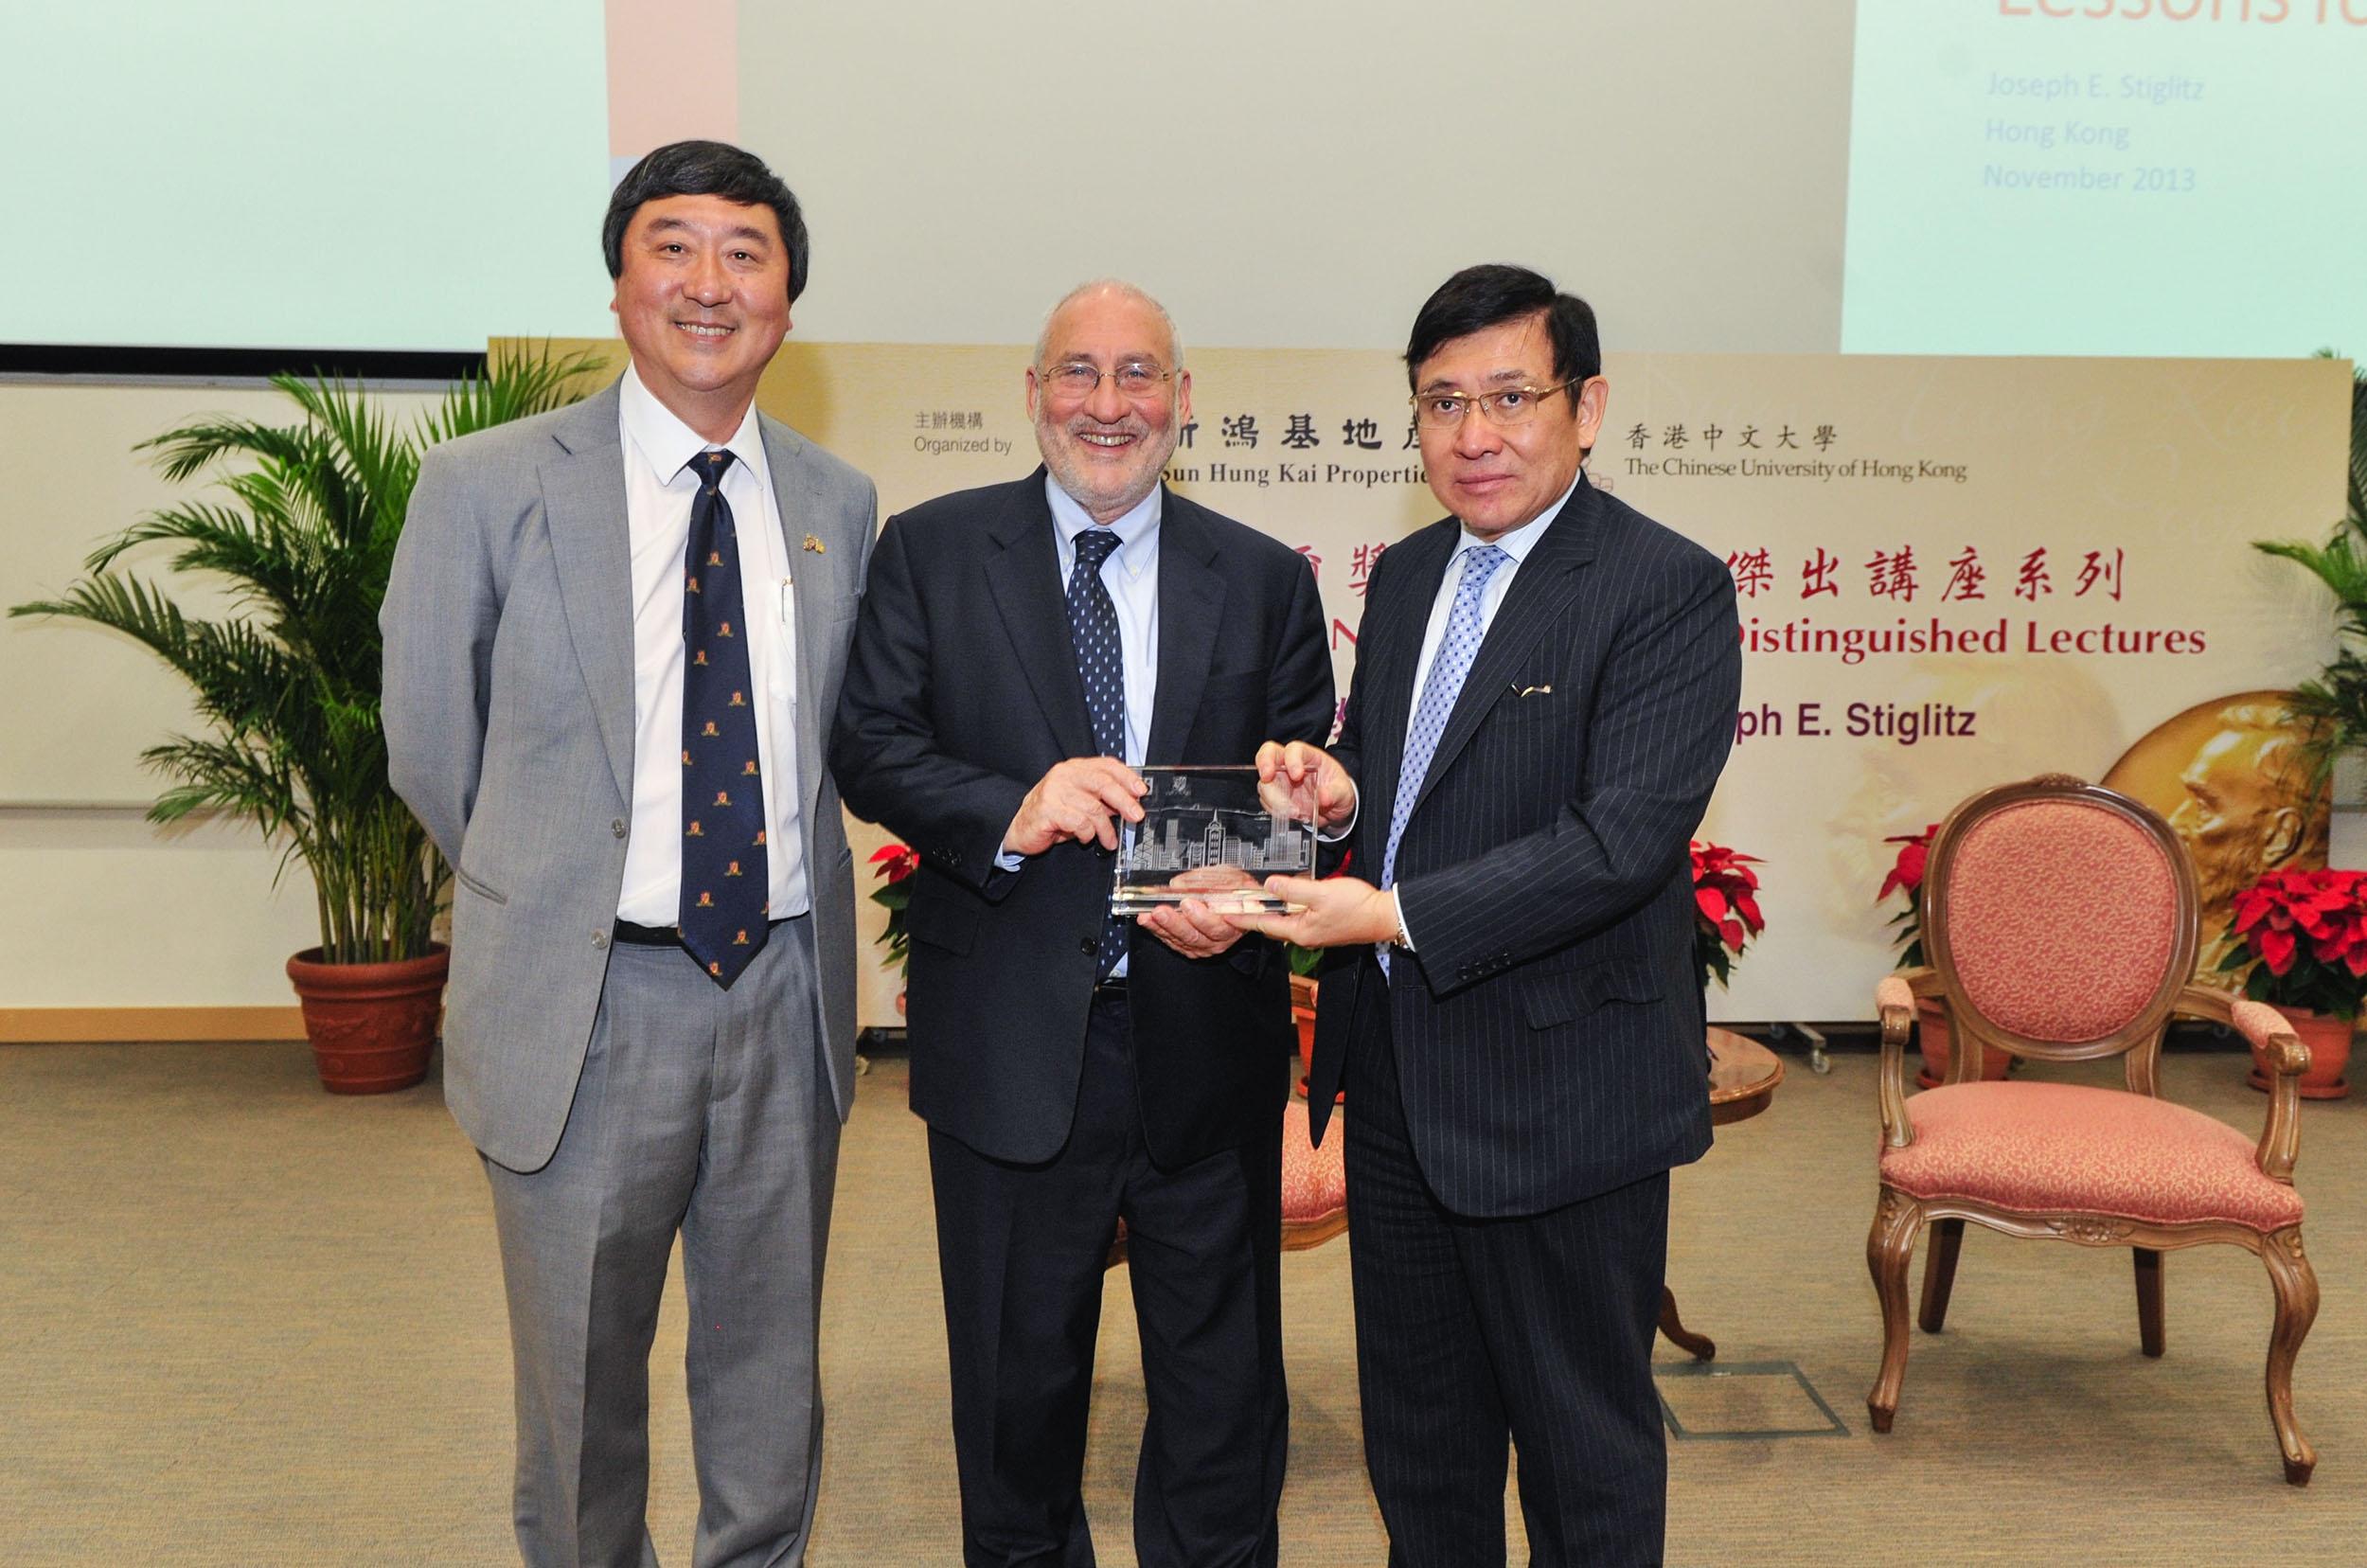 中大校长沈祖尧教授(左一)与新地主席兼董事总经理郭炳联博士(右一)致送纪念品予2001年诺贝尔经济学奖得奖学人斯蒂格利茨教授。